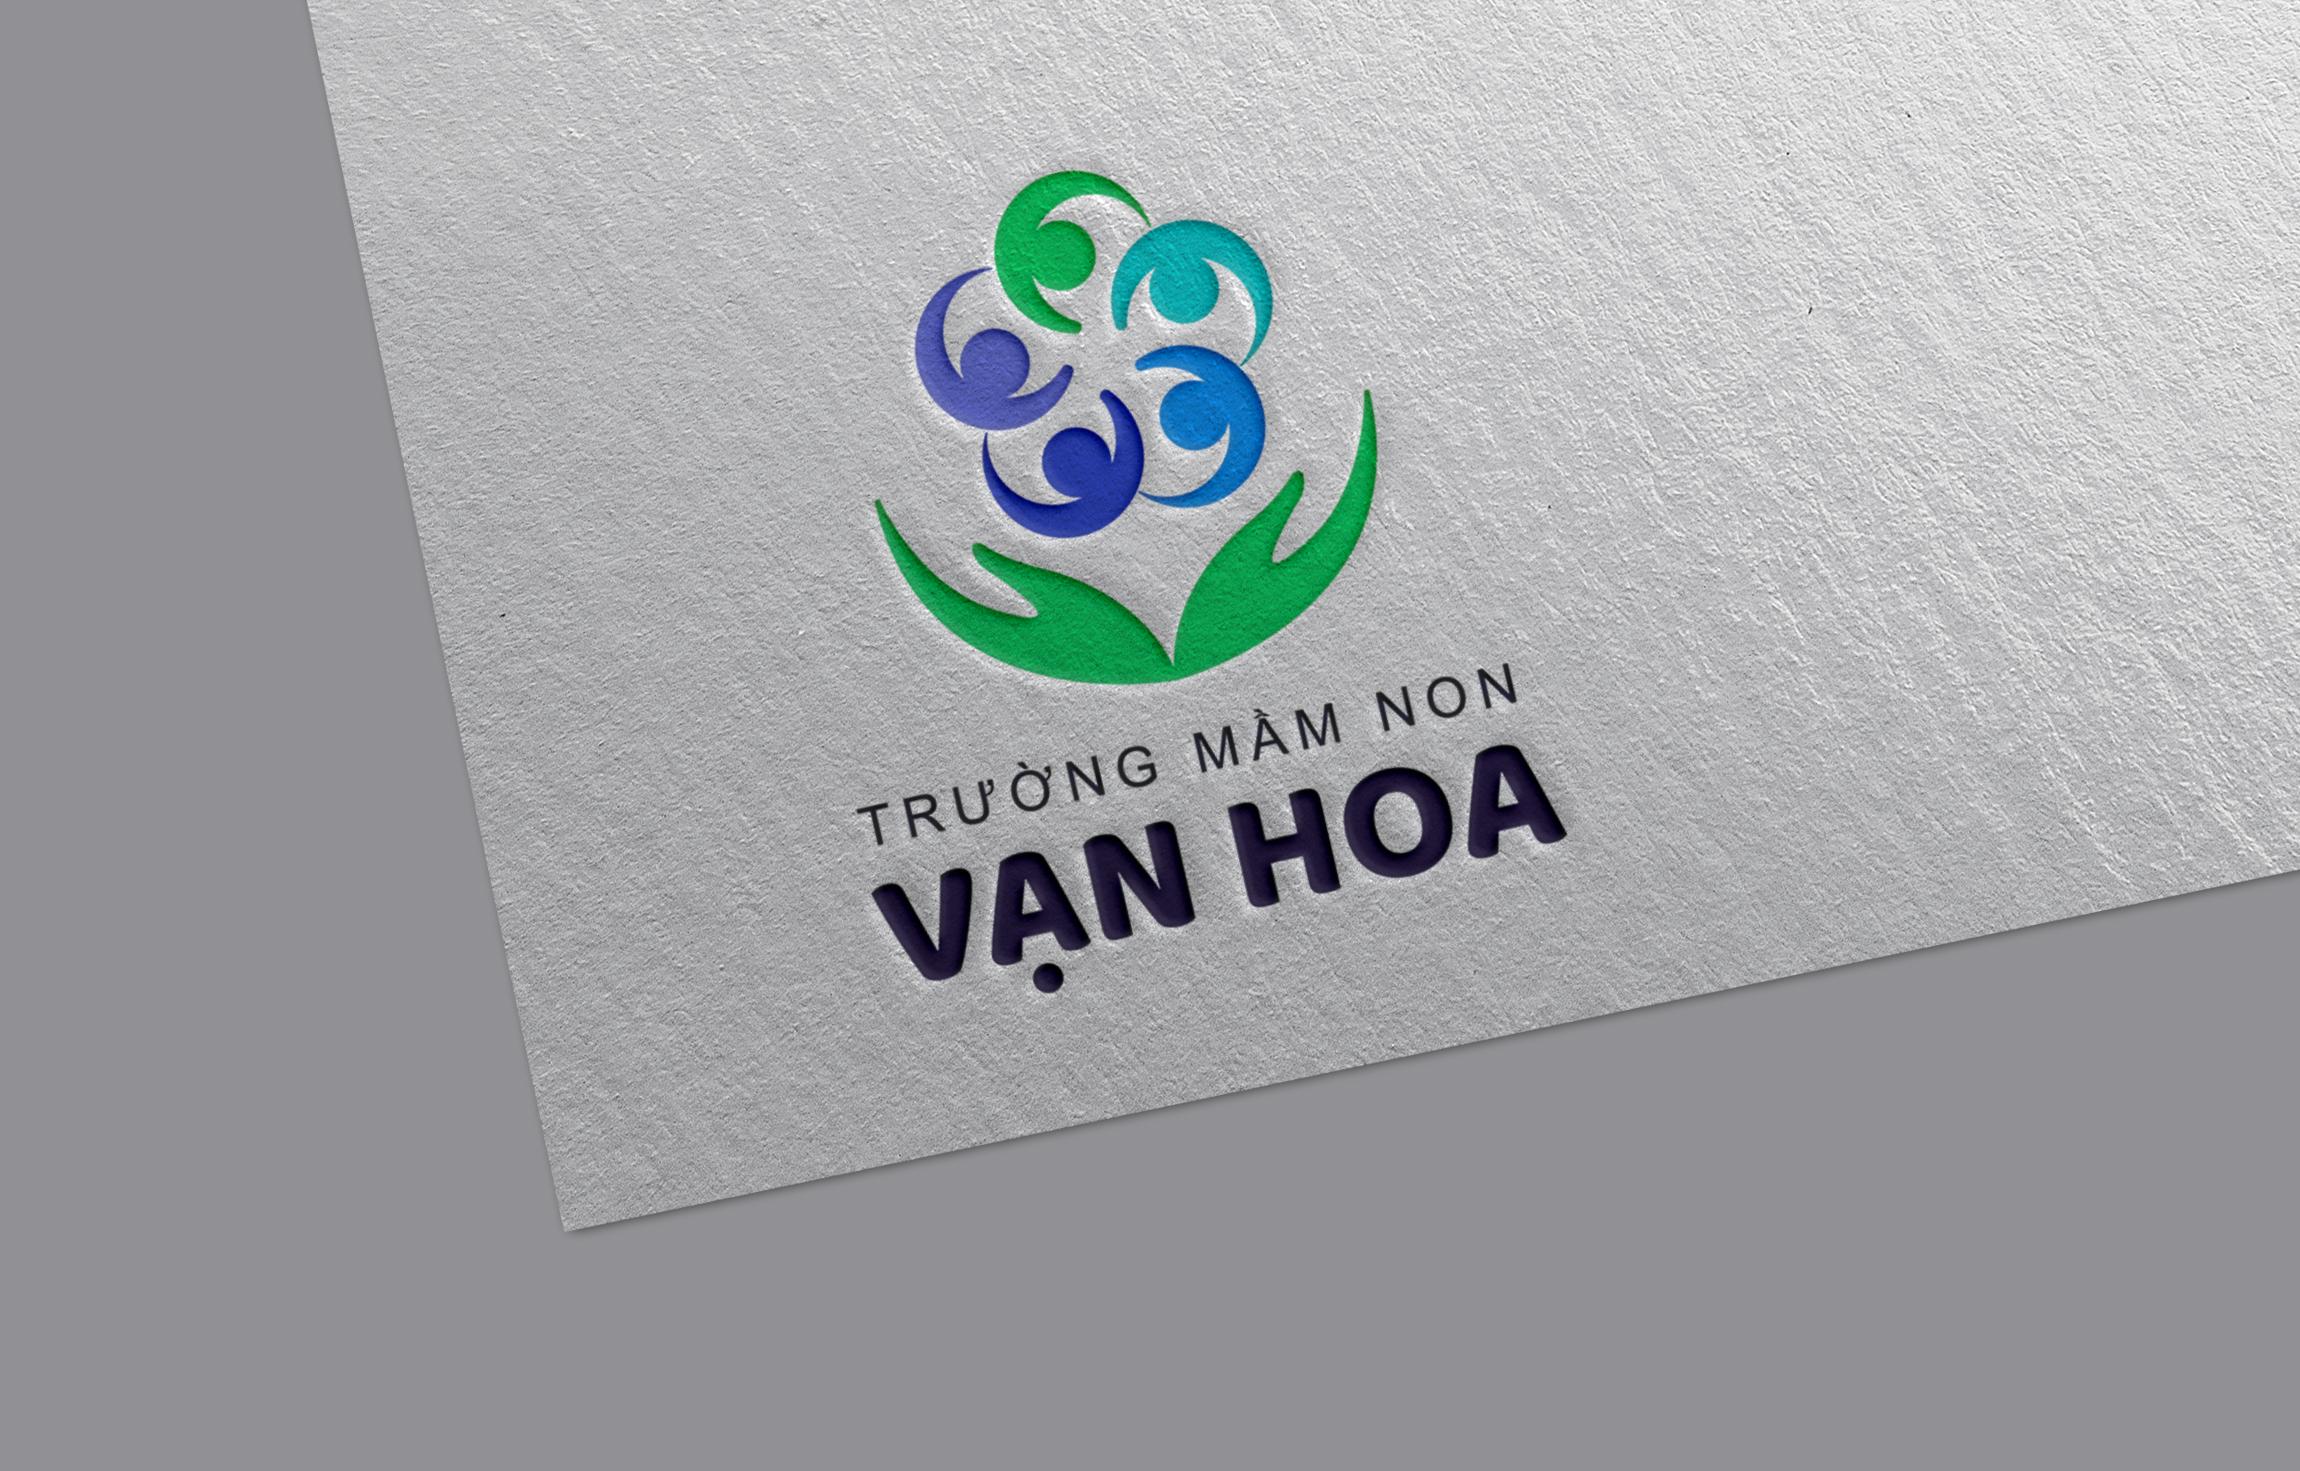 Thiết kế NDTH cho Trường mầm non Vạn Hoa